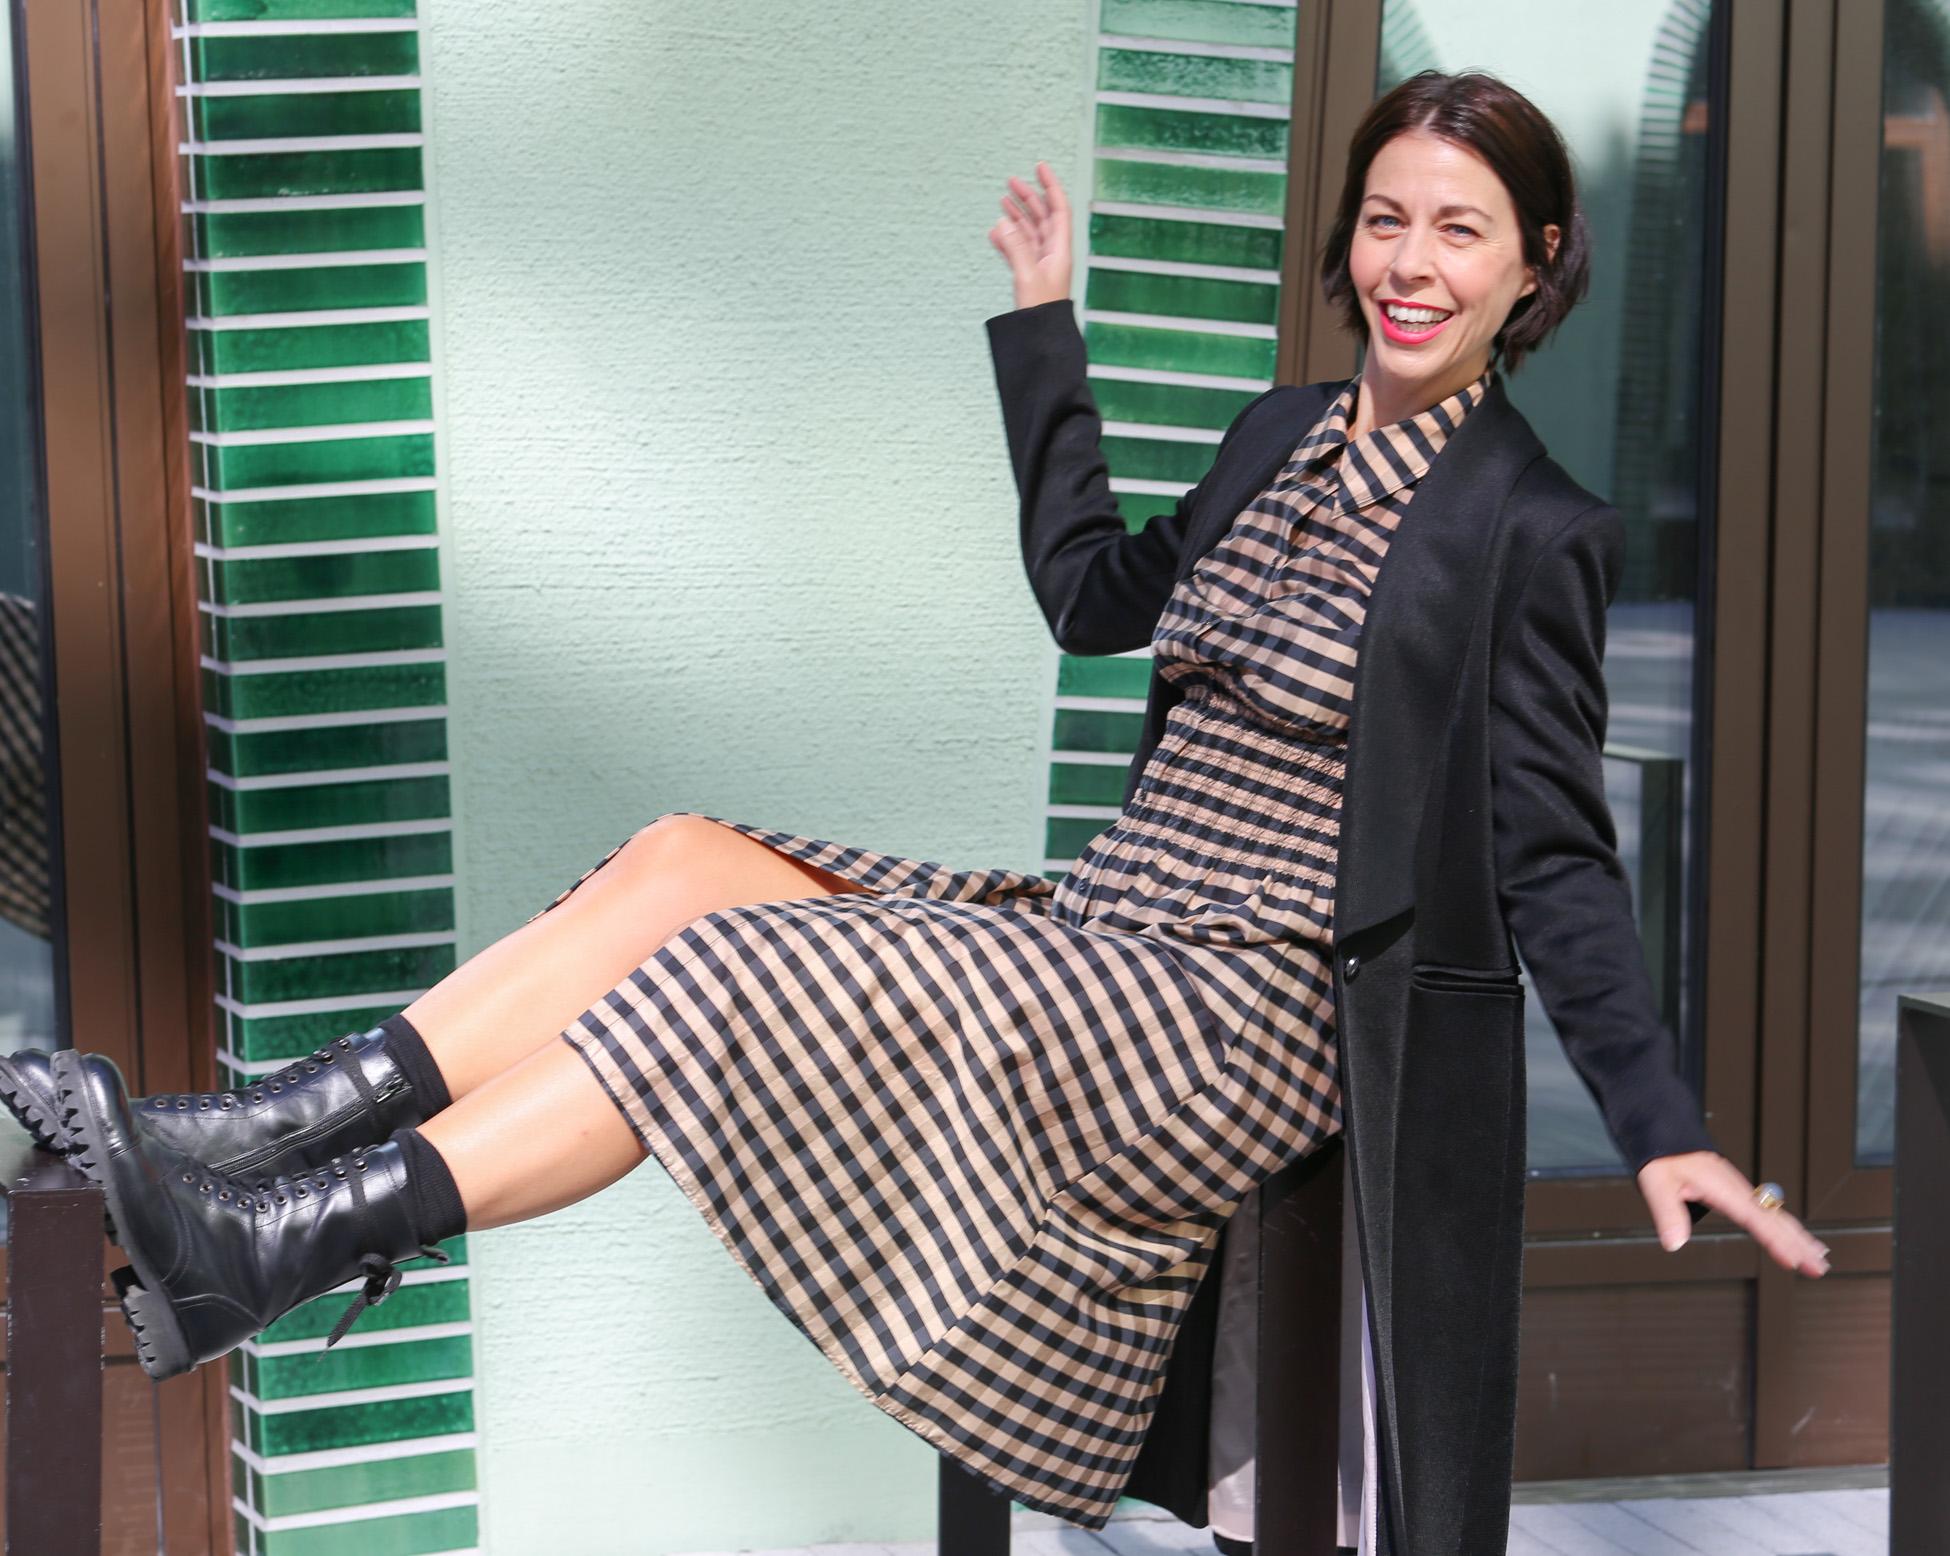 Frau mit schwarzem Haar und einem karierten Kleid mit einem schwarzen Longblazer und Schnürstiefel sitzt auf einem Geländer